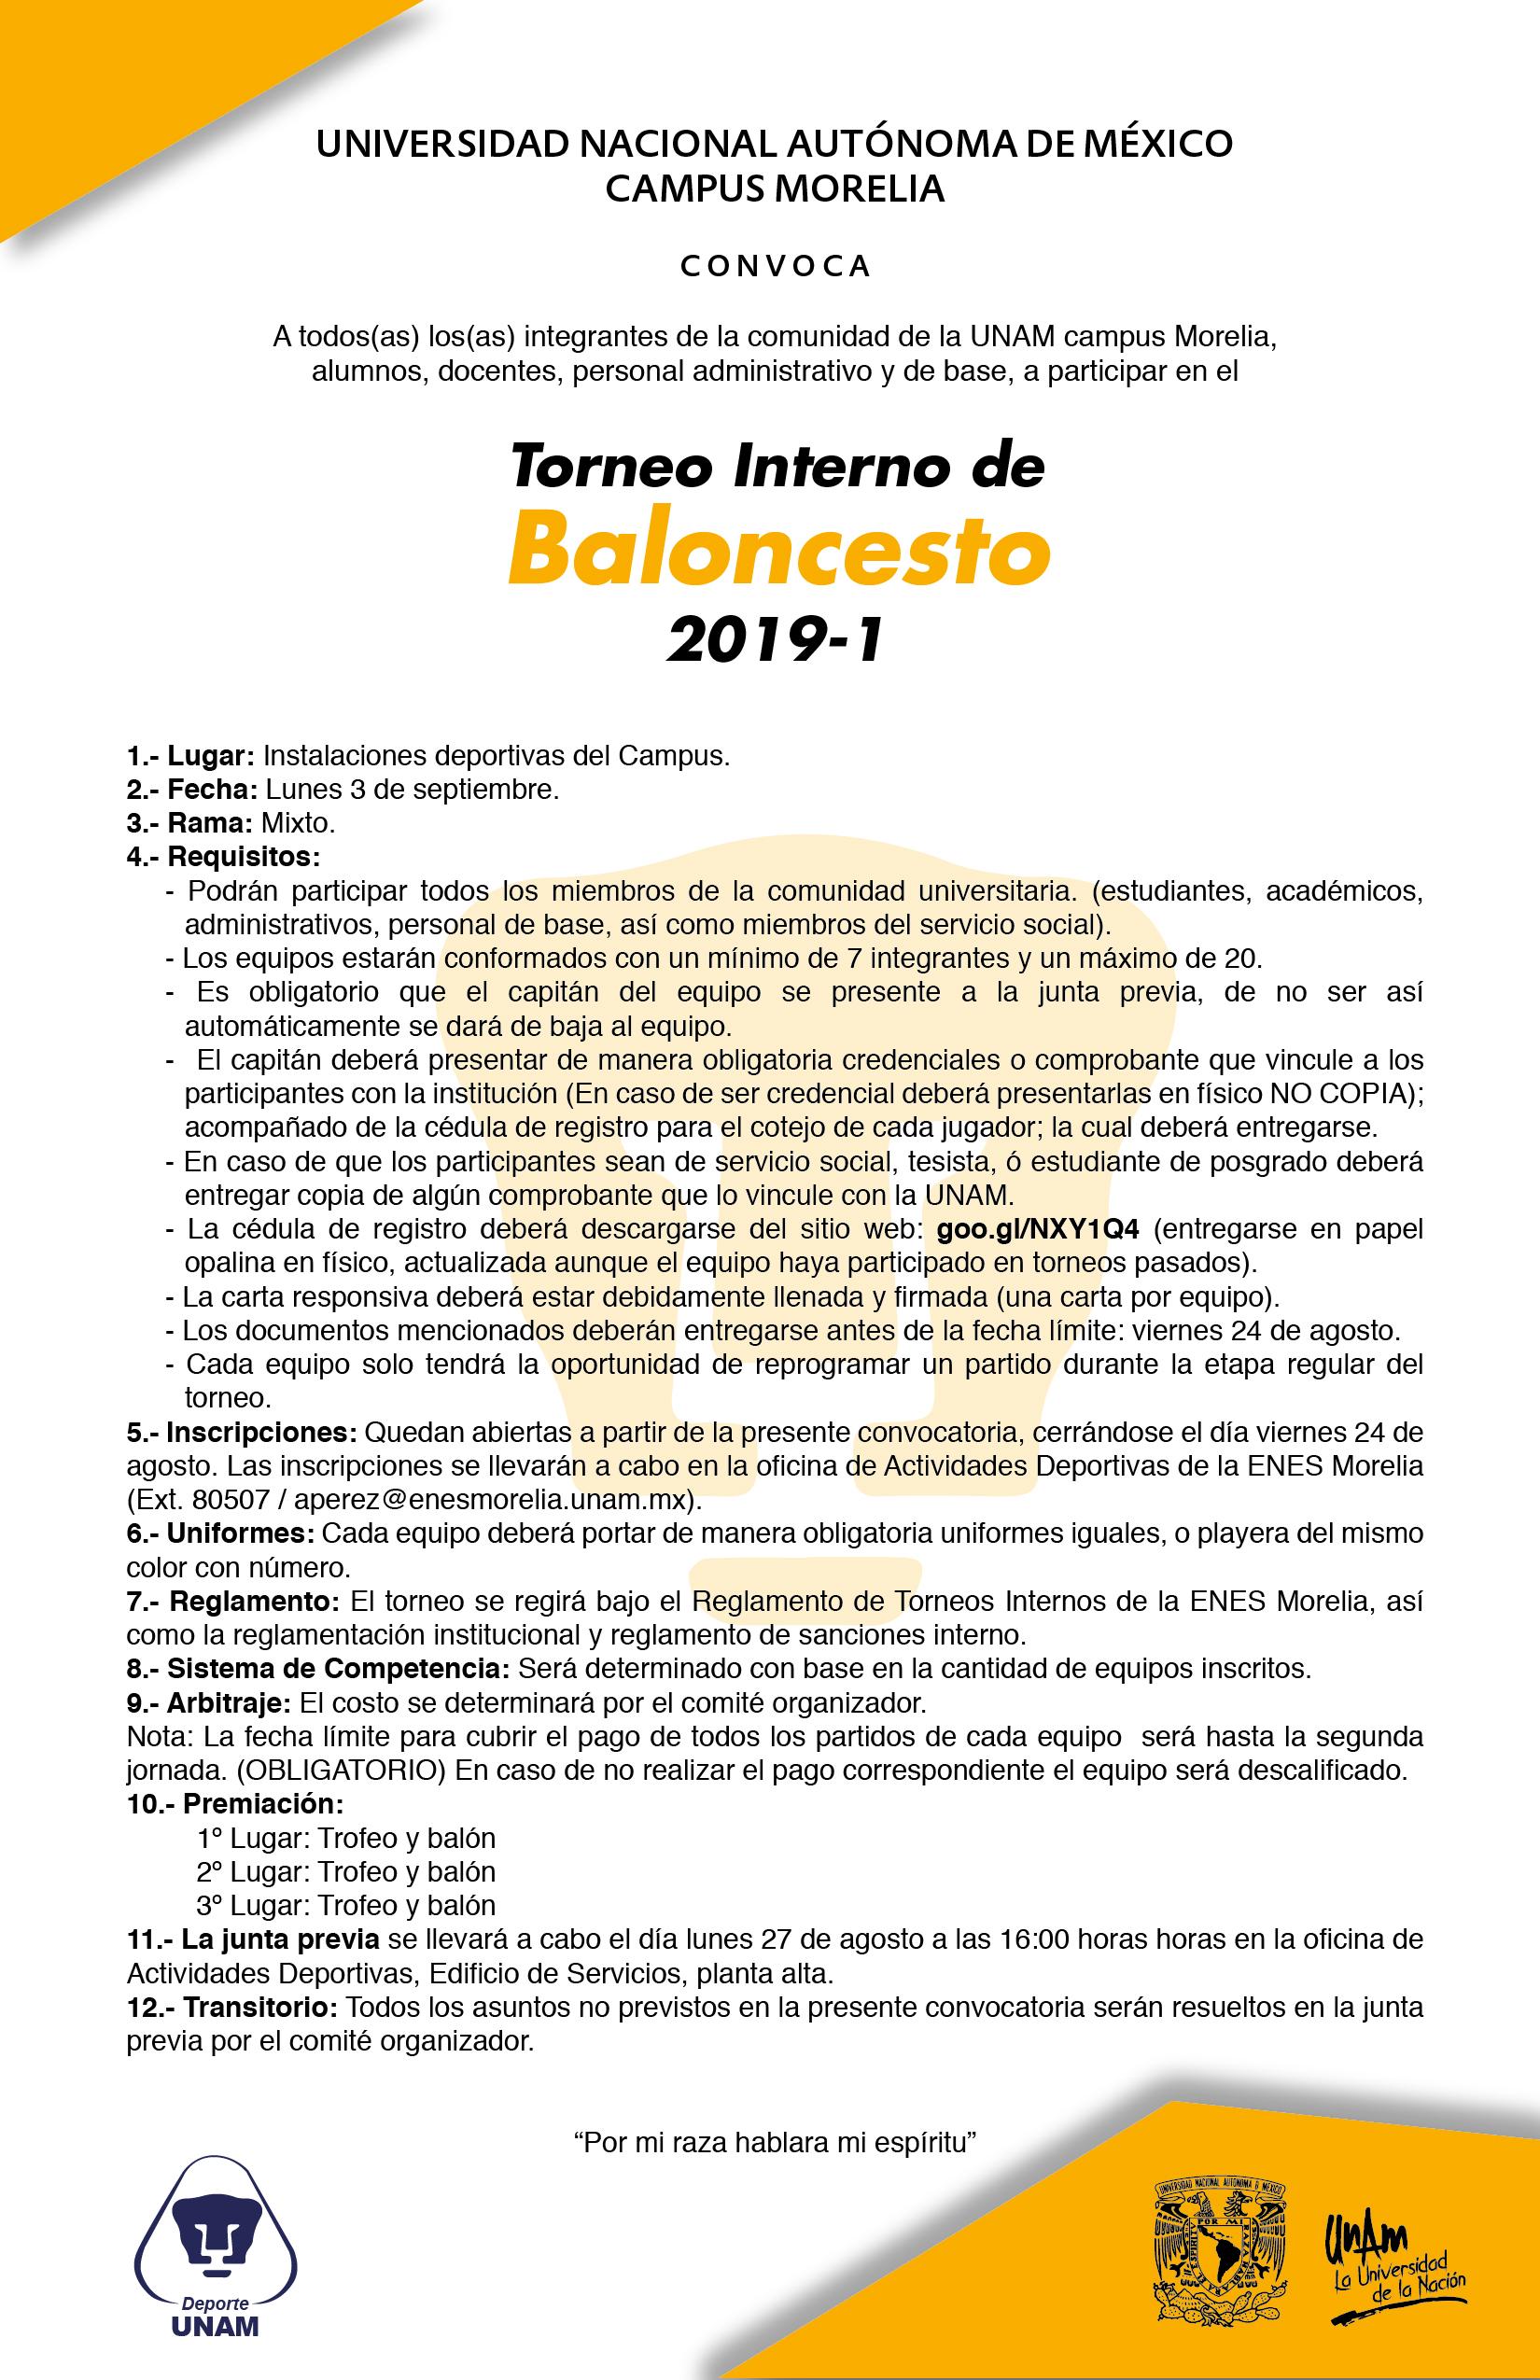 convocatoria-deportivas-2019-1-01